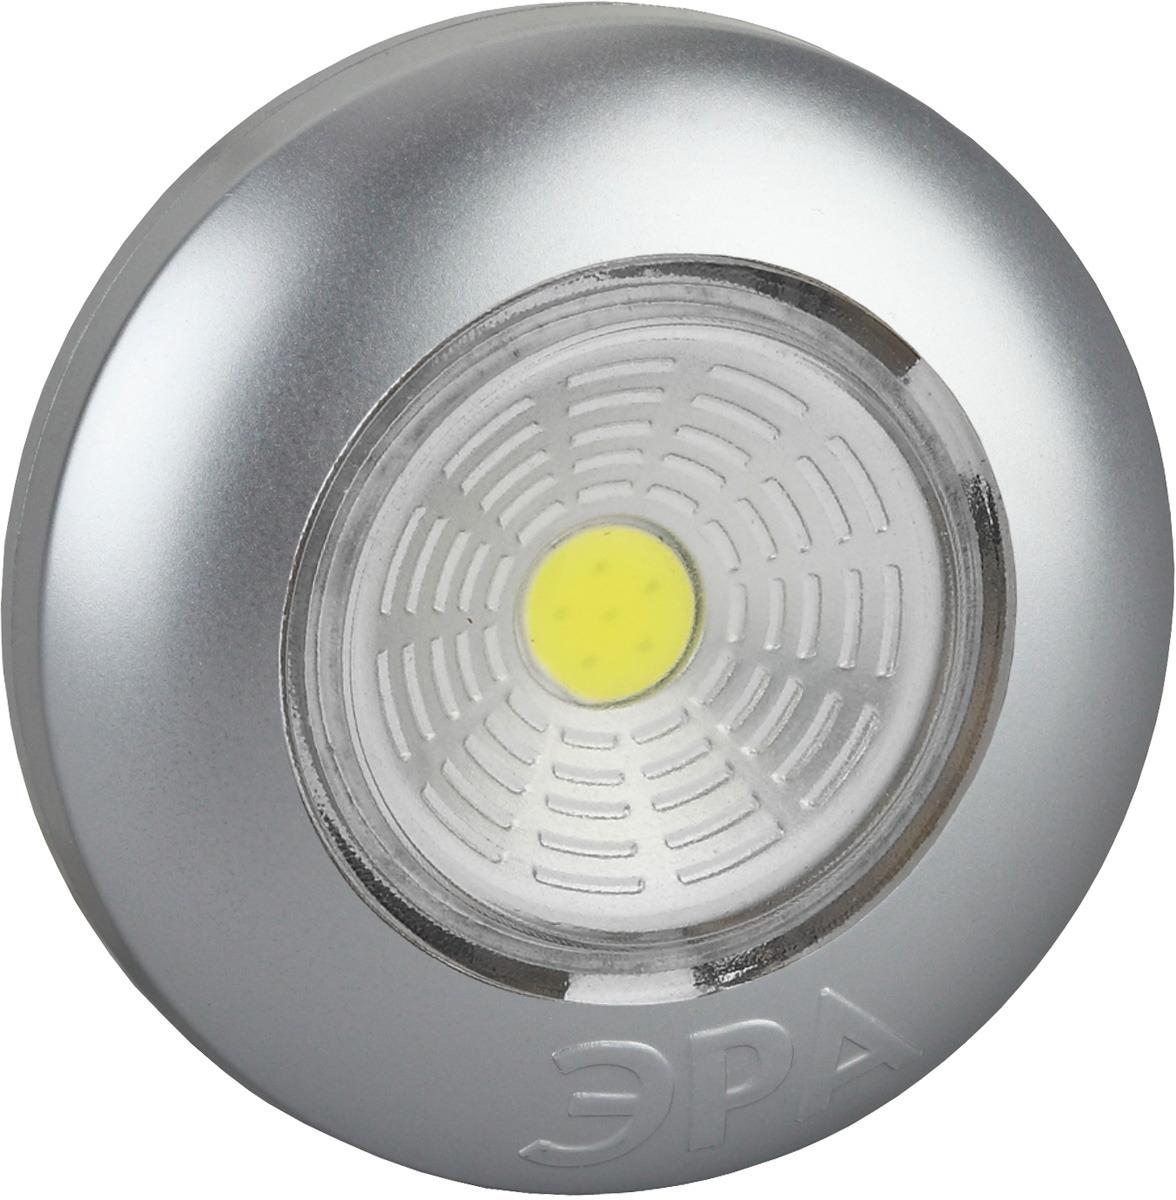 Декоративный фонарь ЭРА Аврора, SB-503, серебристый, самоклеящийся, COB